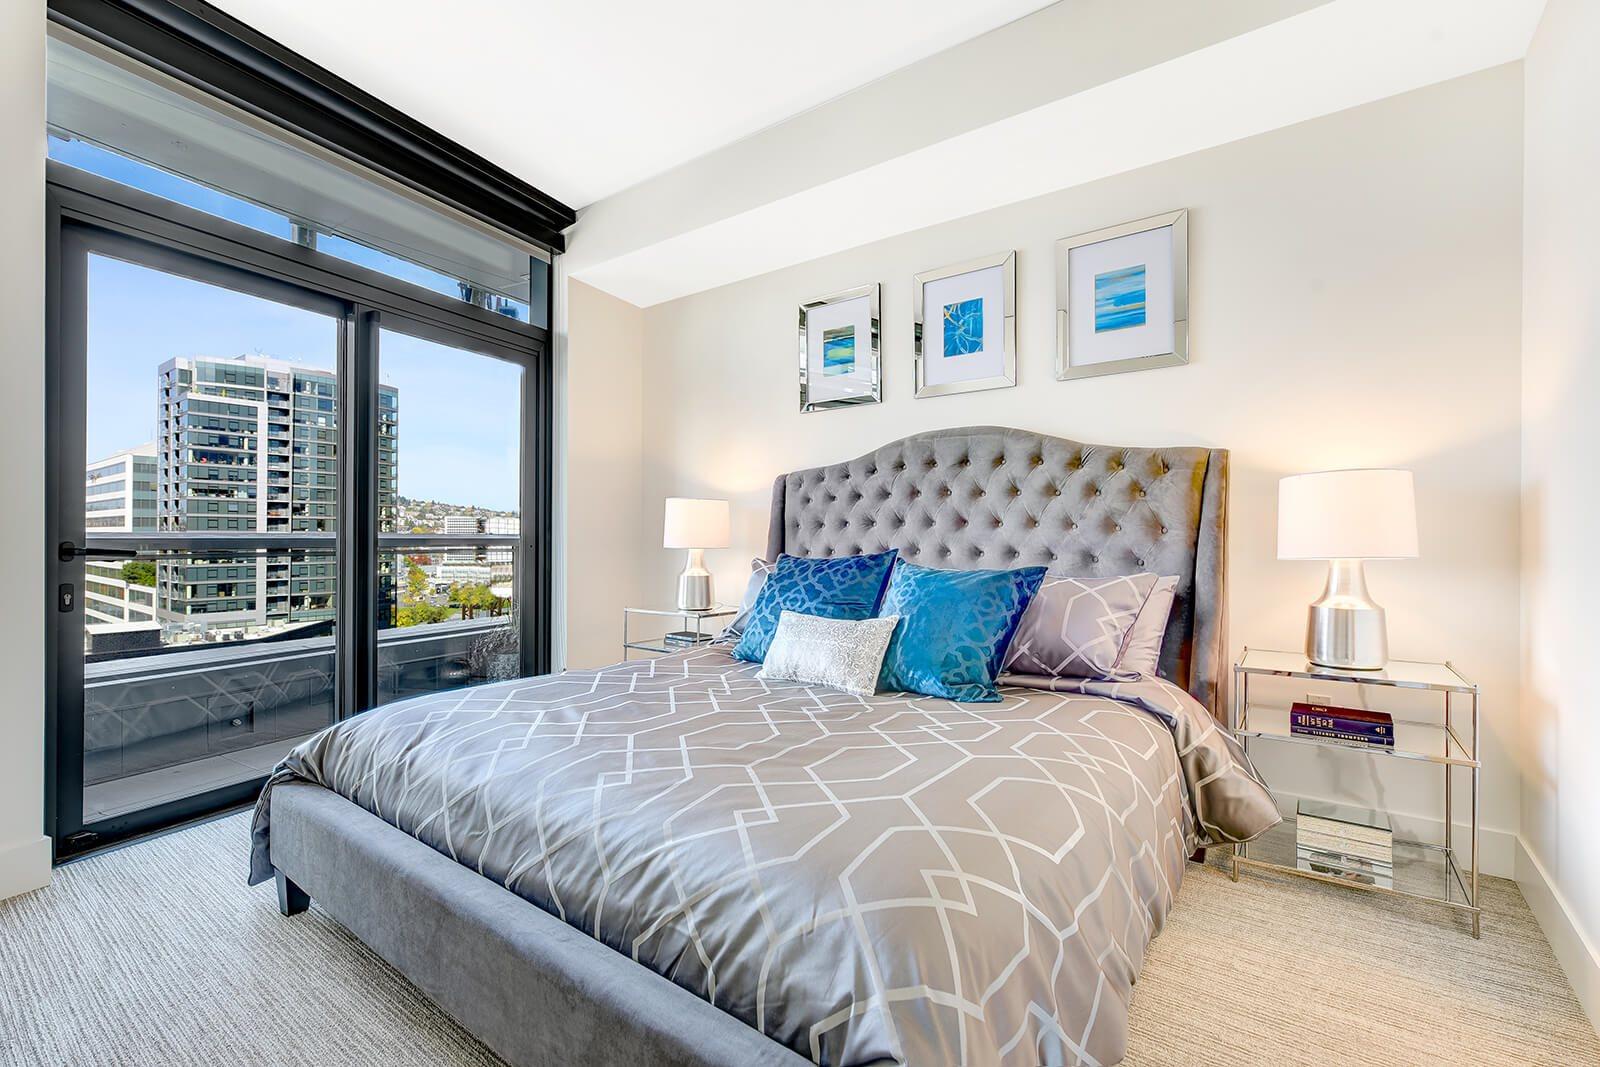 Bedroom at Cirrus Apartments